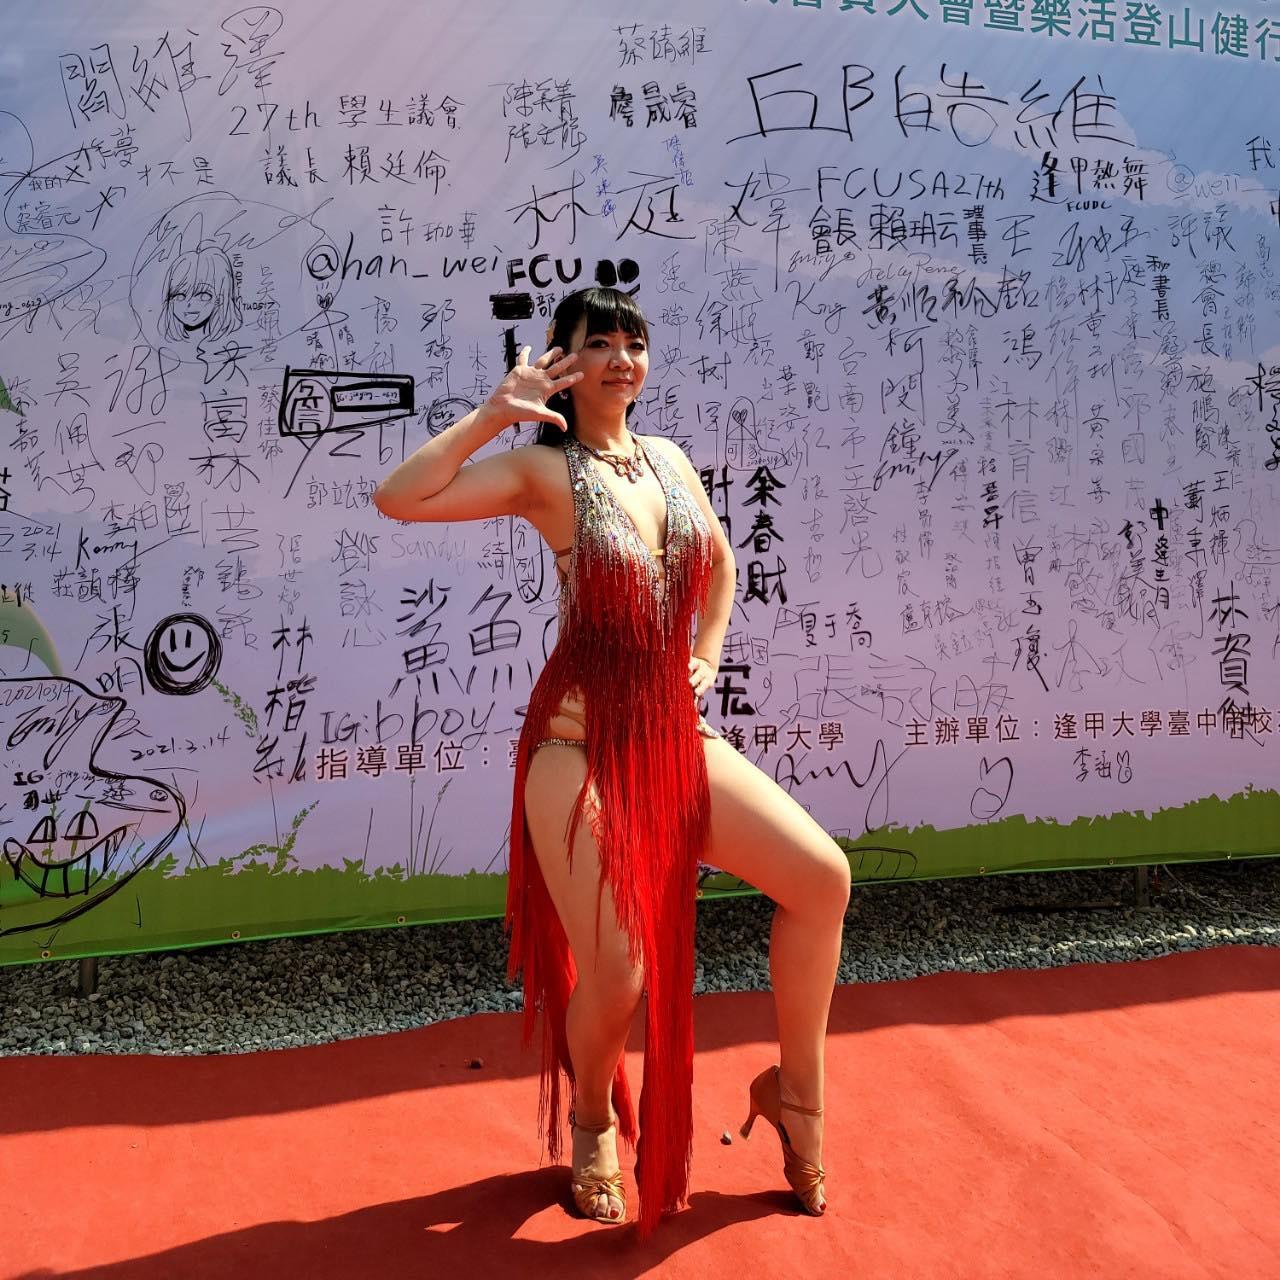 逢甲土開系助教邱曉婷運用宣傳國際賽經驗推廣國標舞。邱曉婷提供